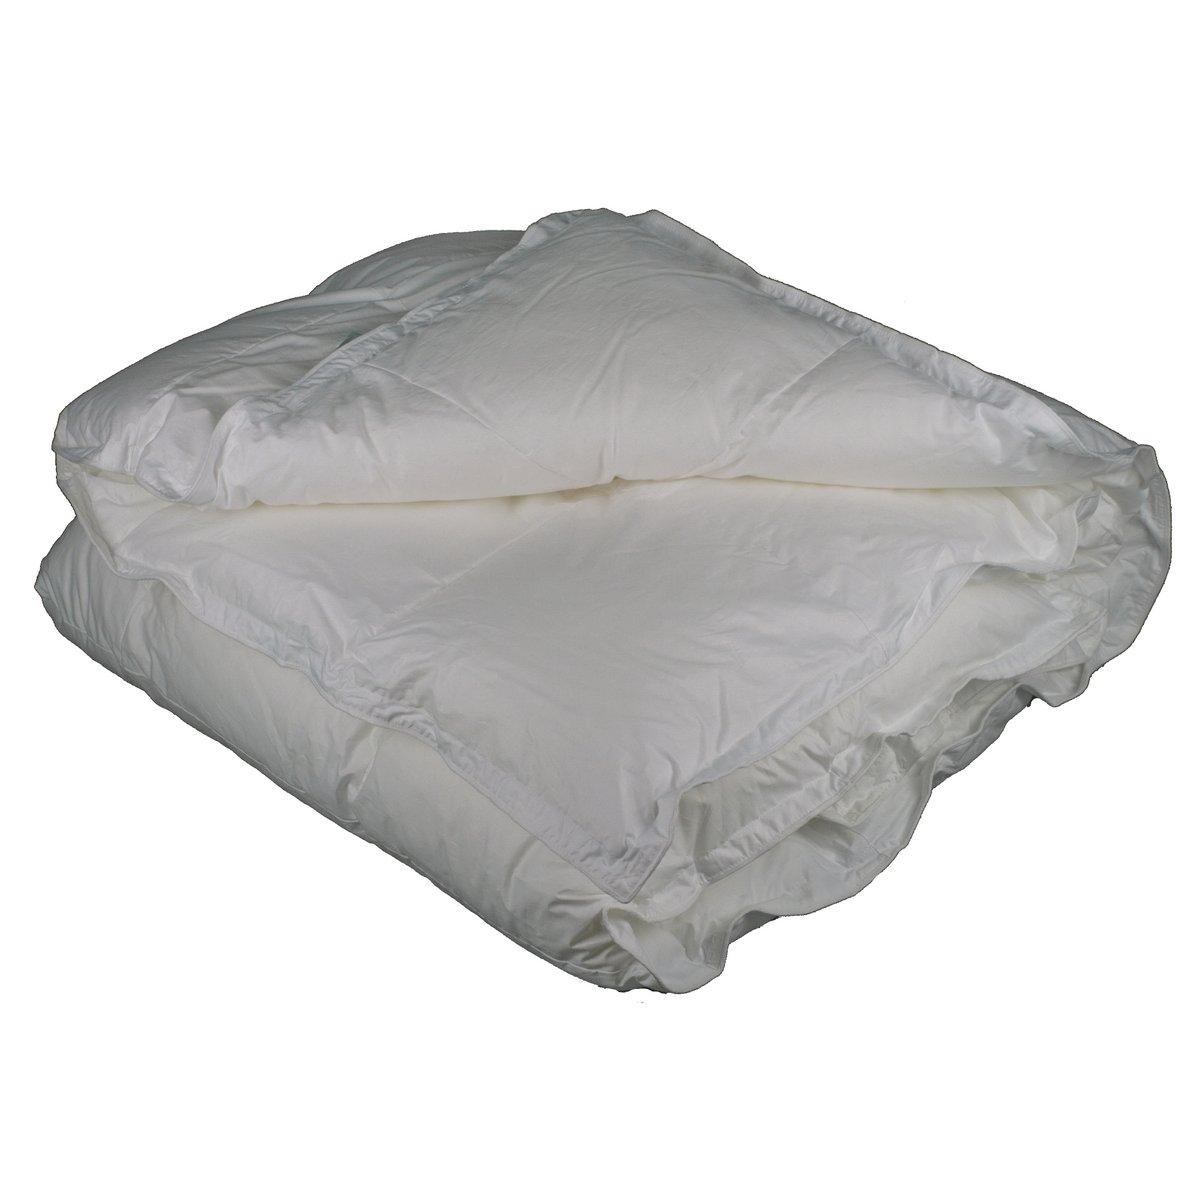 Dekbed Cocoon Medium 140 x 200 cm (910 gram).